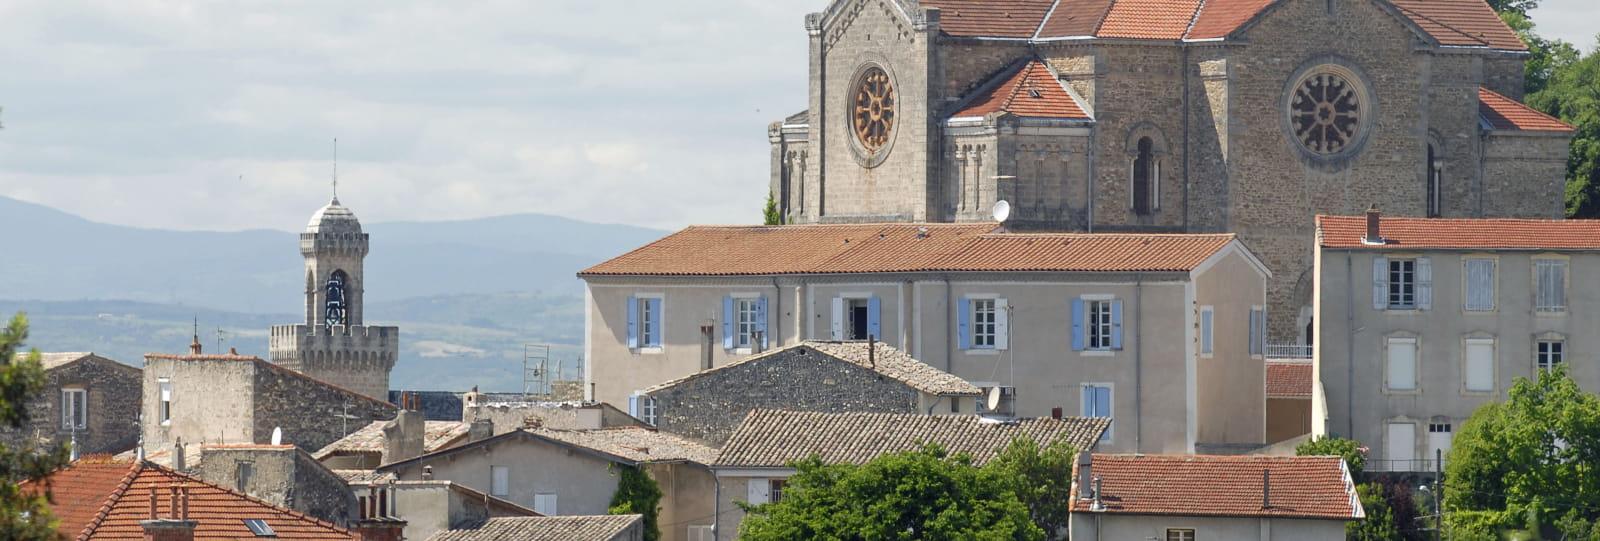 Le Clocher Saint Andéol